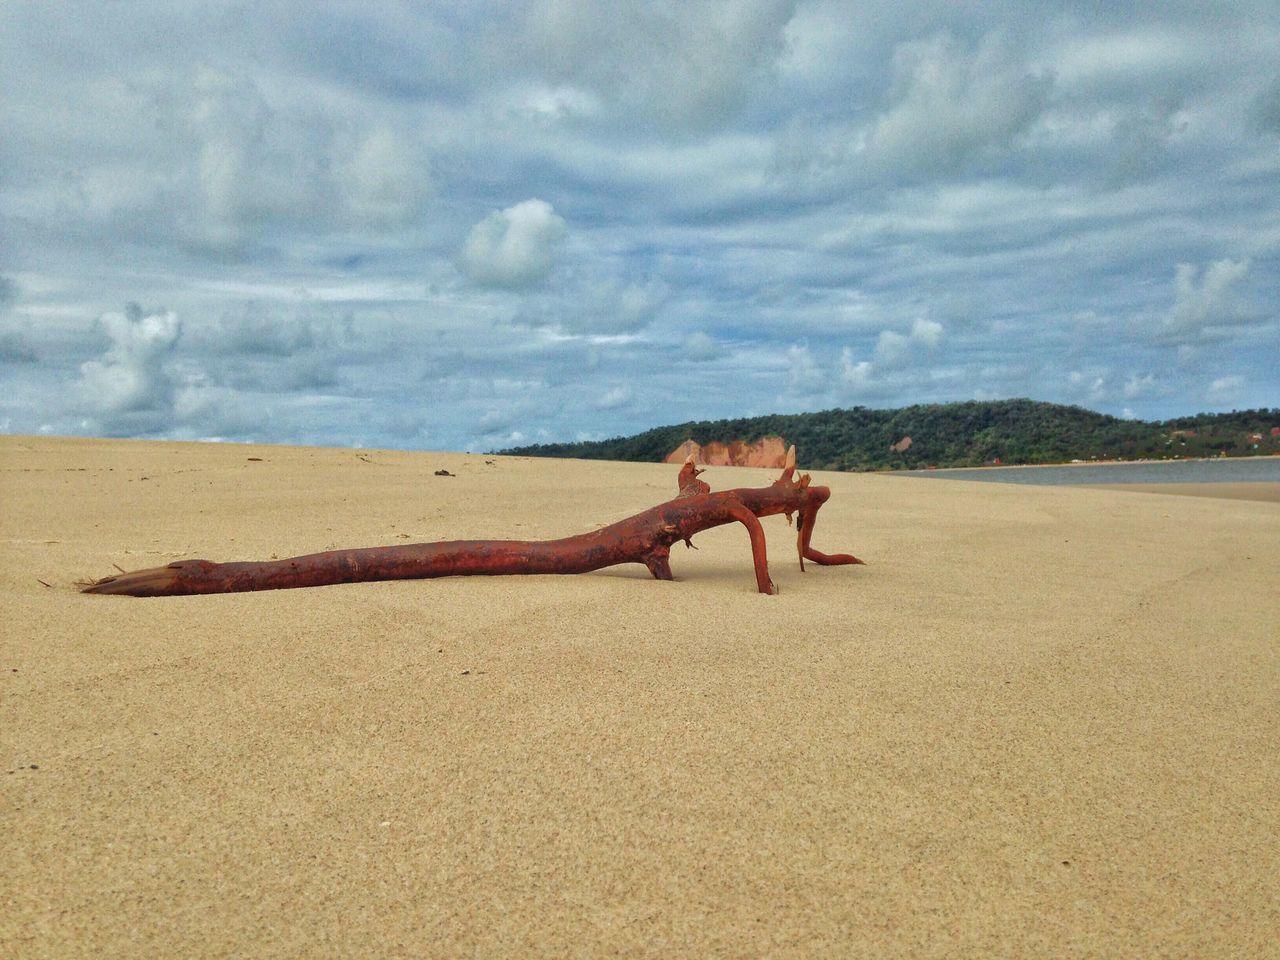 Like a lizard! Sand Beach Sky Cloud - Sky Nature Outdoors Day Beauty In Nature Bahia/brazil Tropical